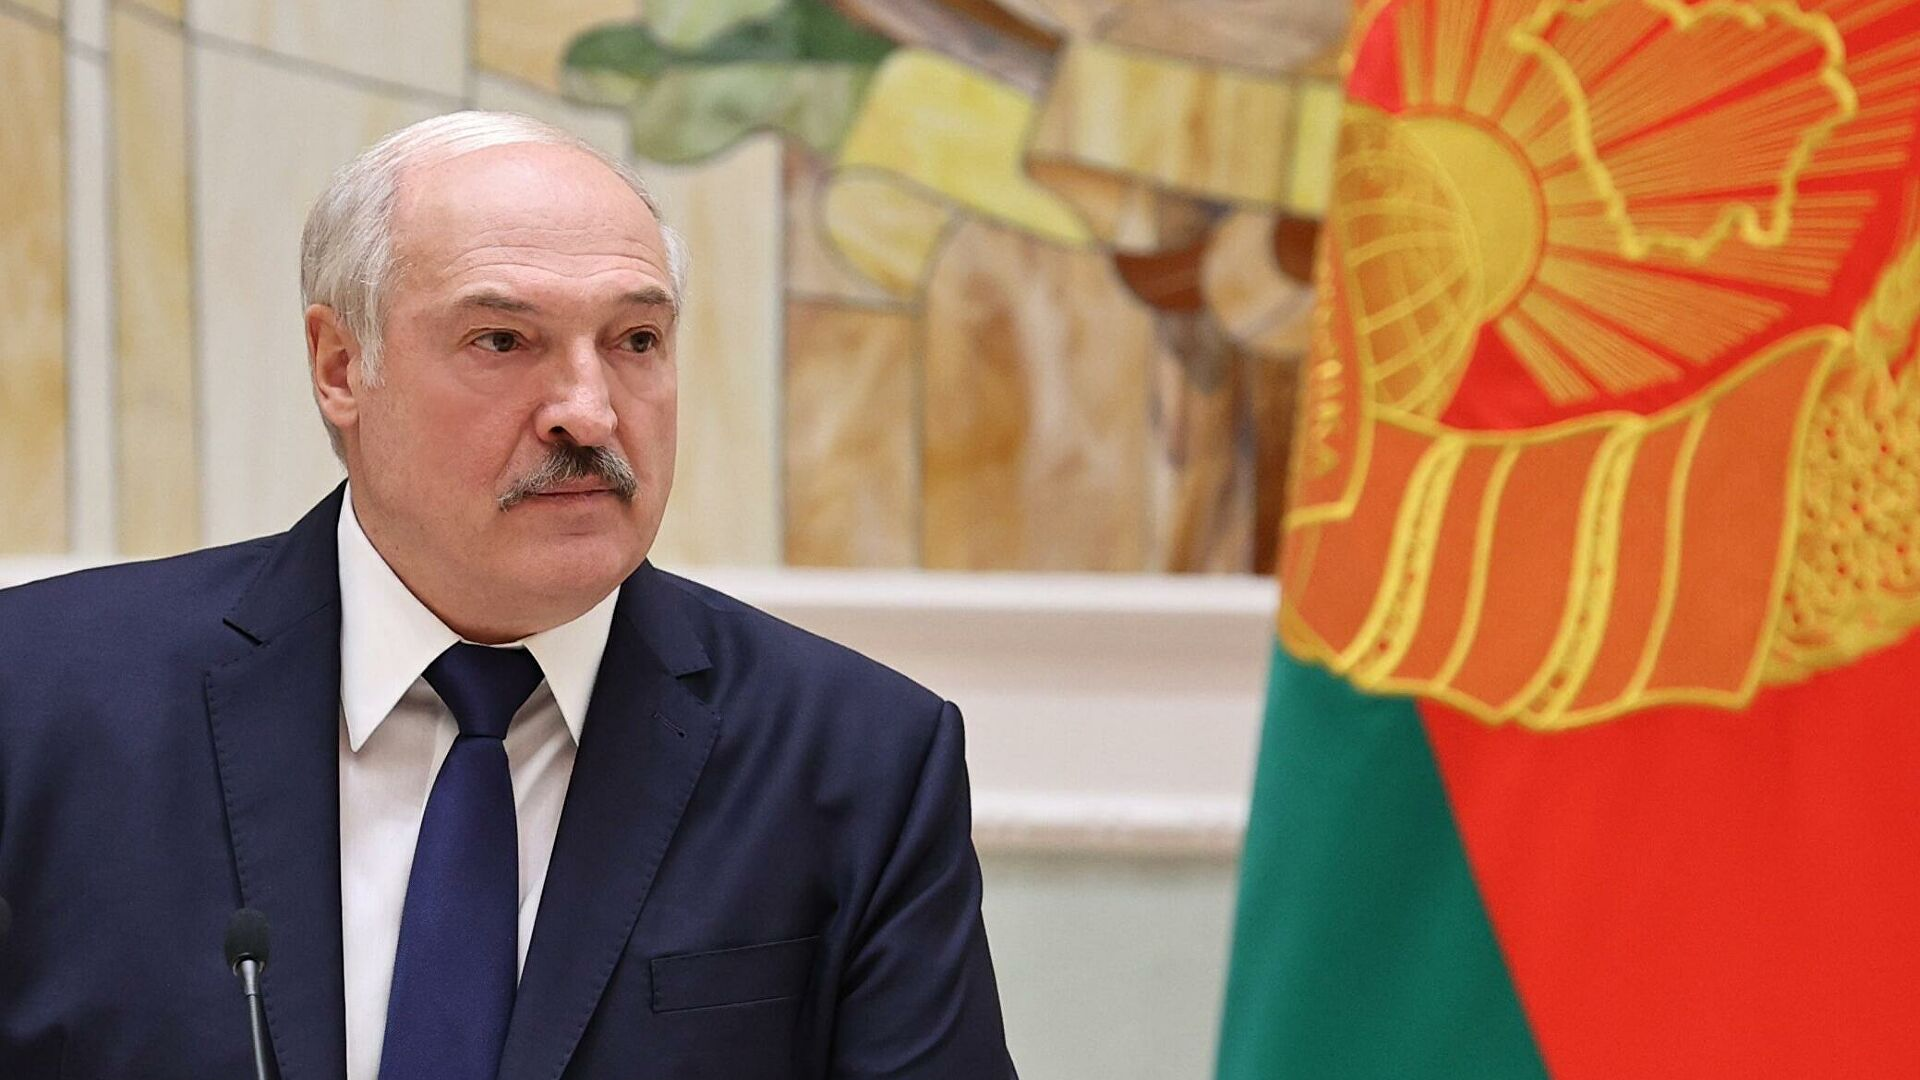 Лукашенко о санкцијама ЕУ: Ако желе проблеме, добиће их